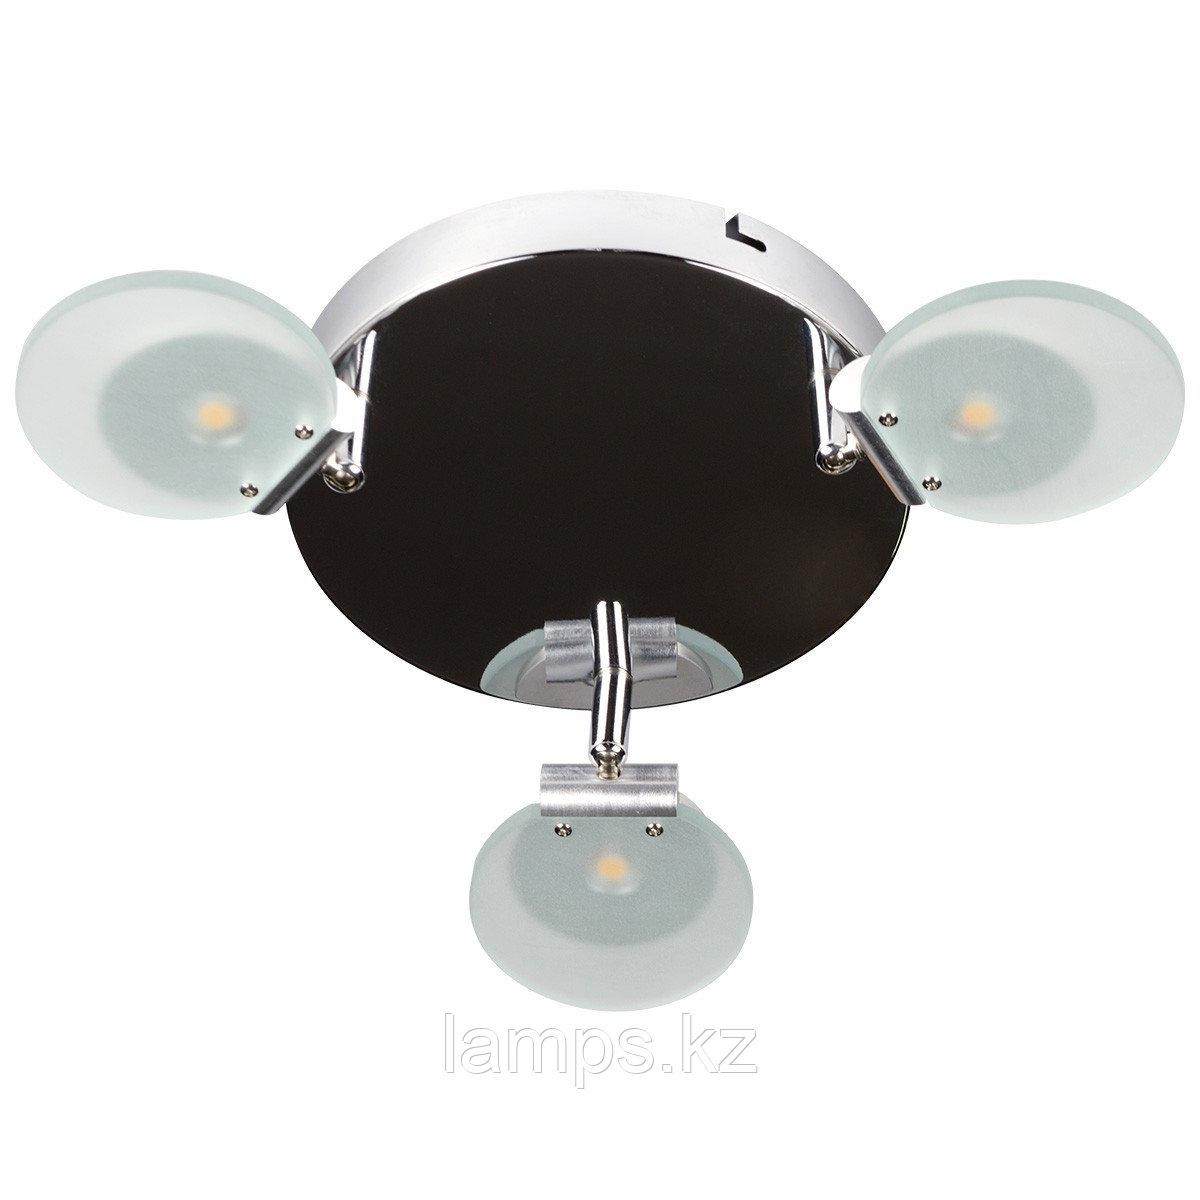 Люстра потолочная LED 10703 3X5W 2700K